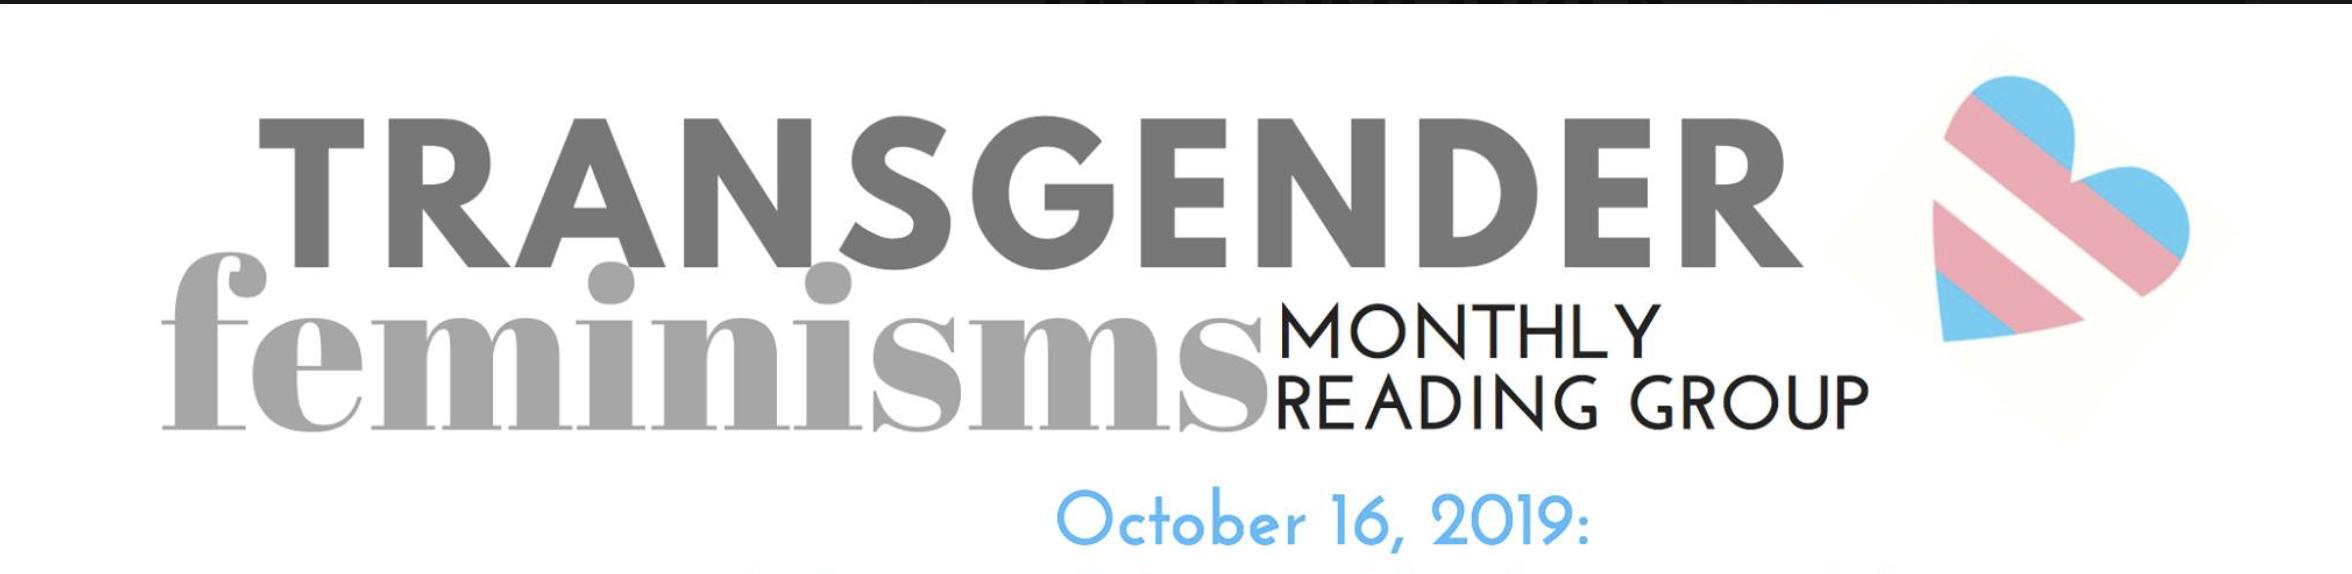 October Transgender Feminisms Reading Group!